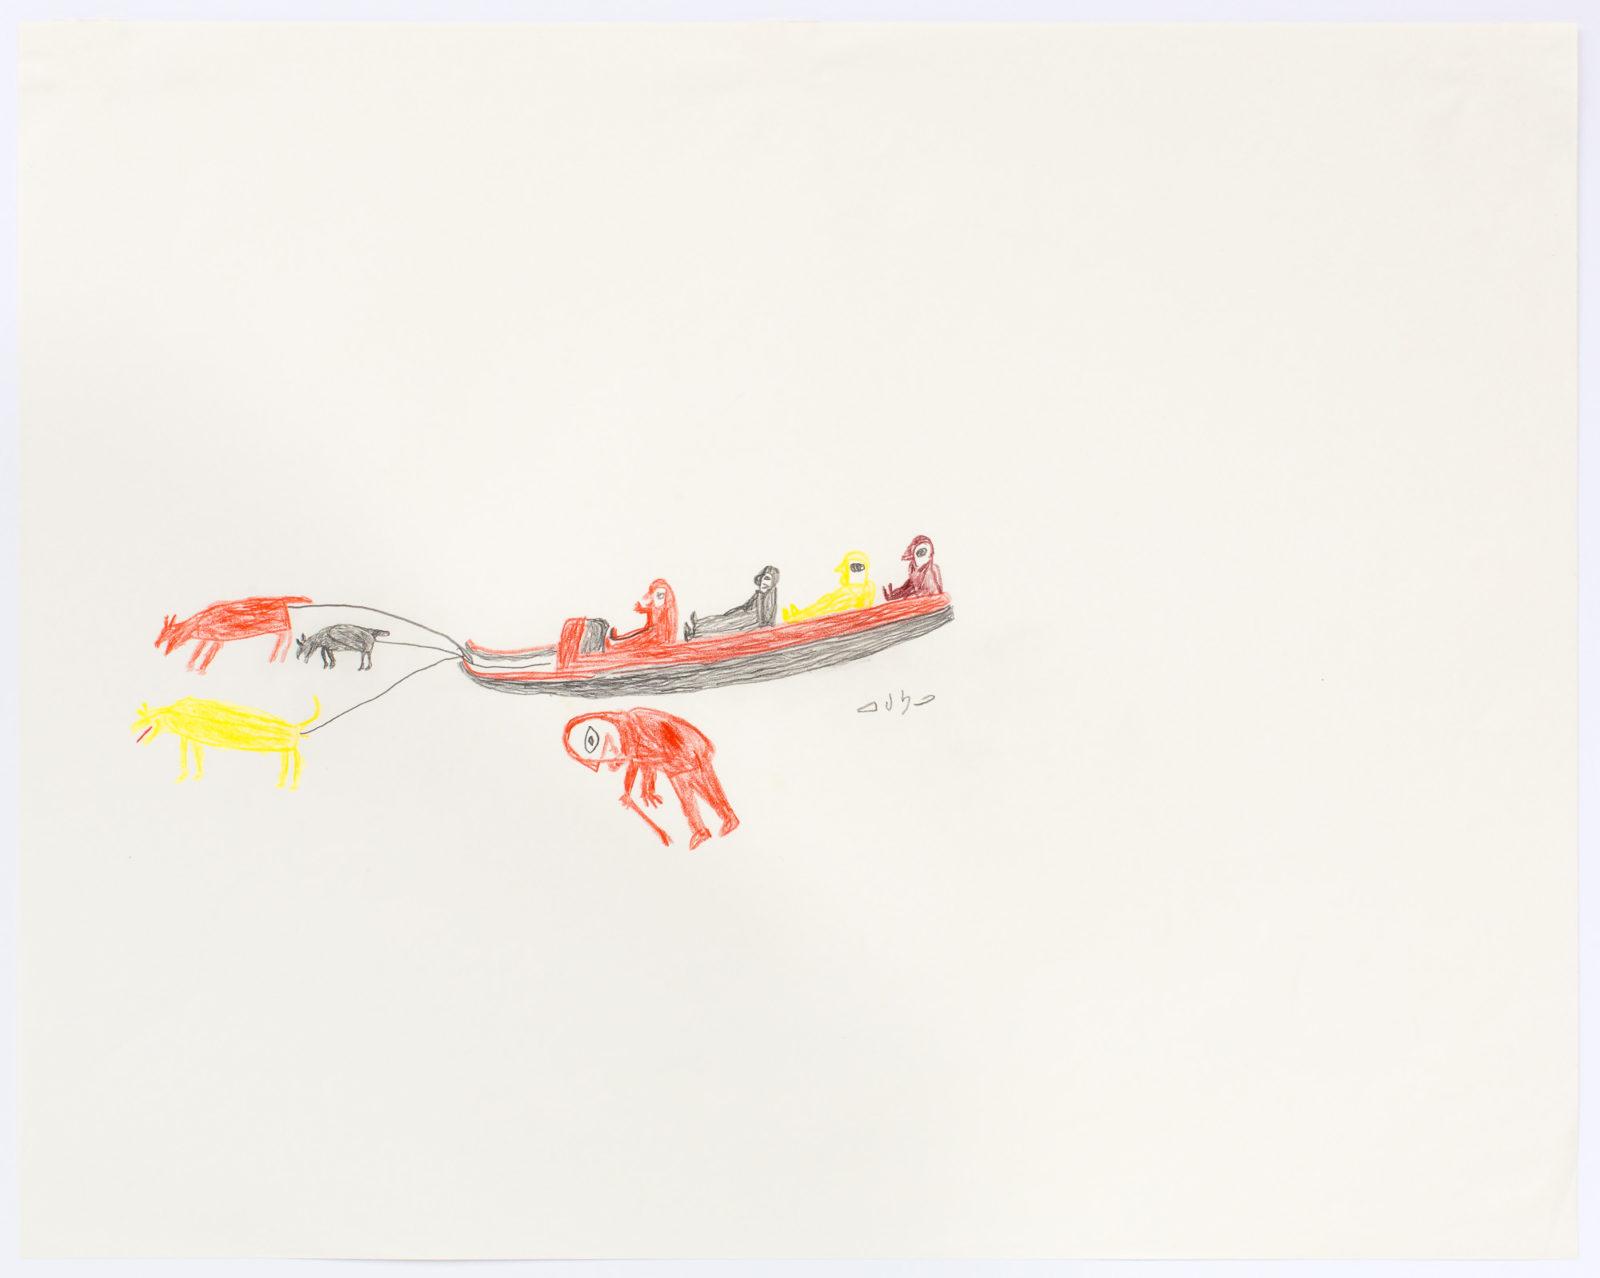 Luke Anguhadluq - untitled (man and figures on sled)